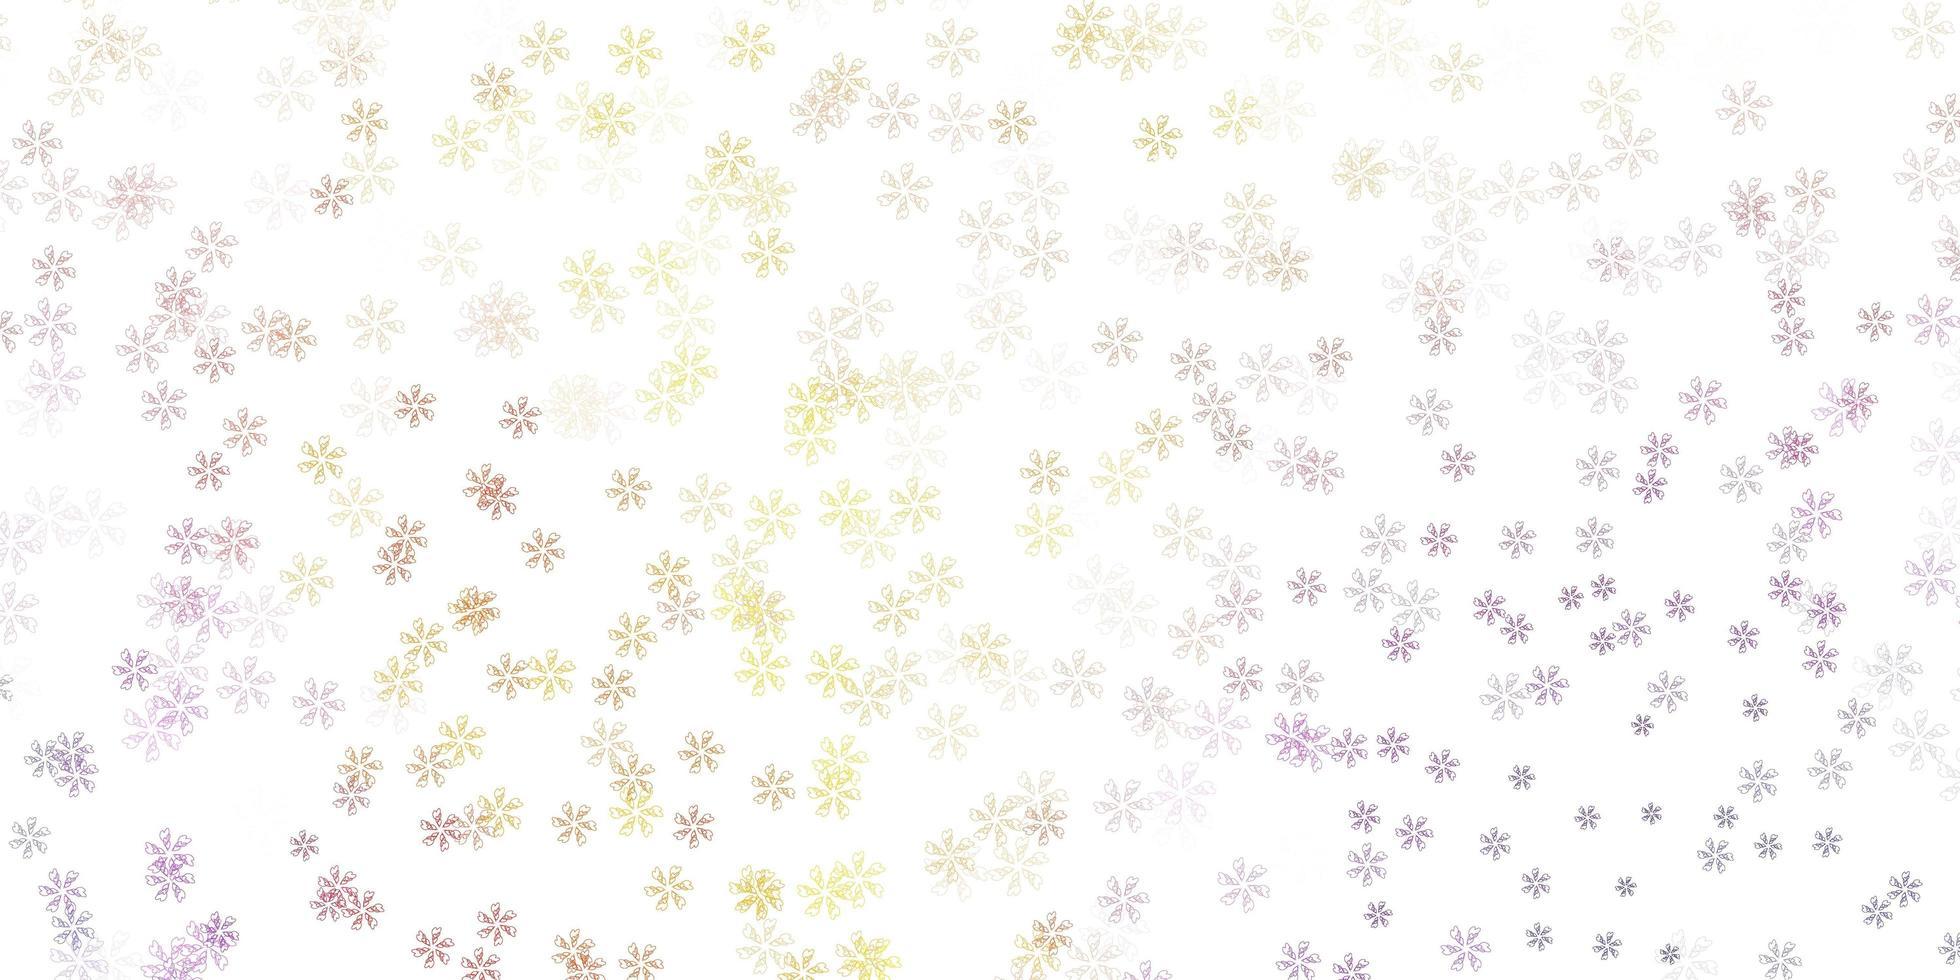 Fondo abstracto de vector rosa claro, amarillo con hojas.